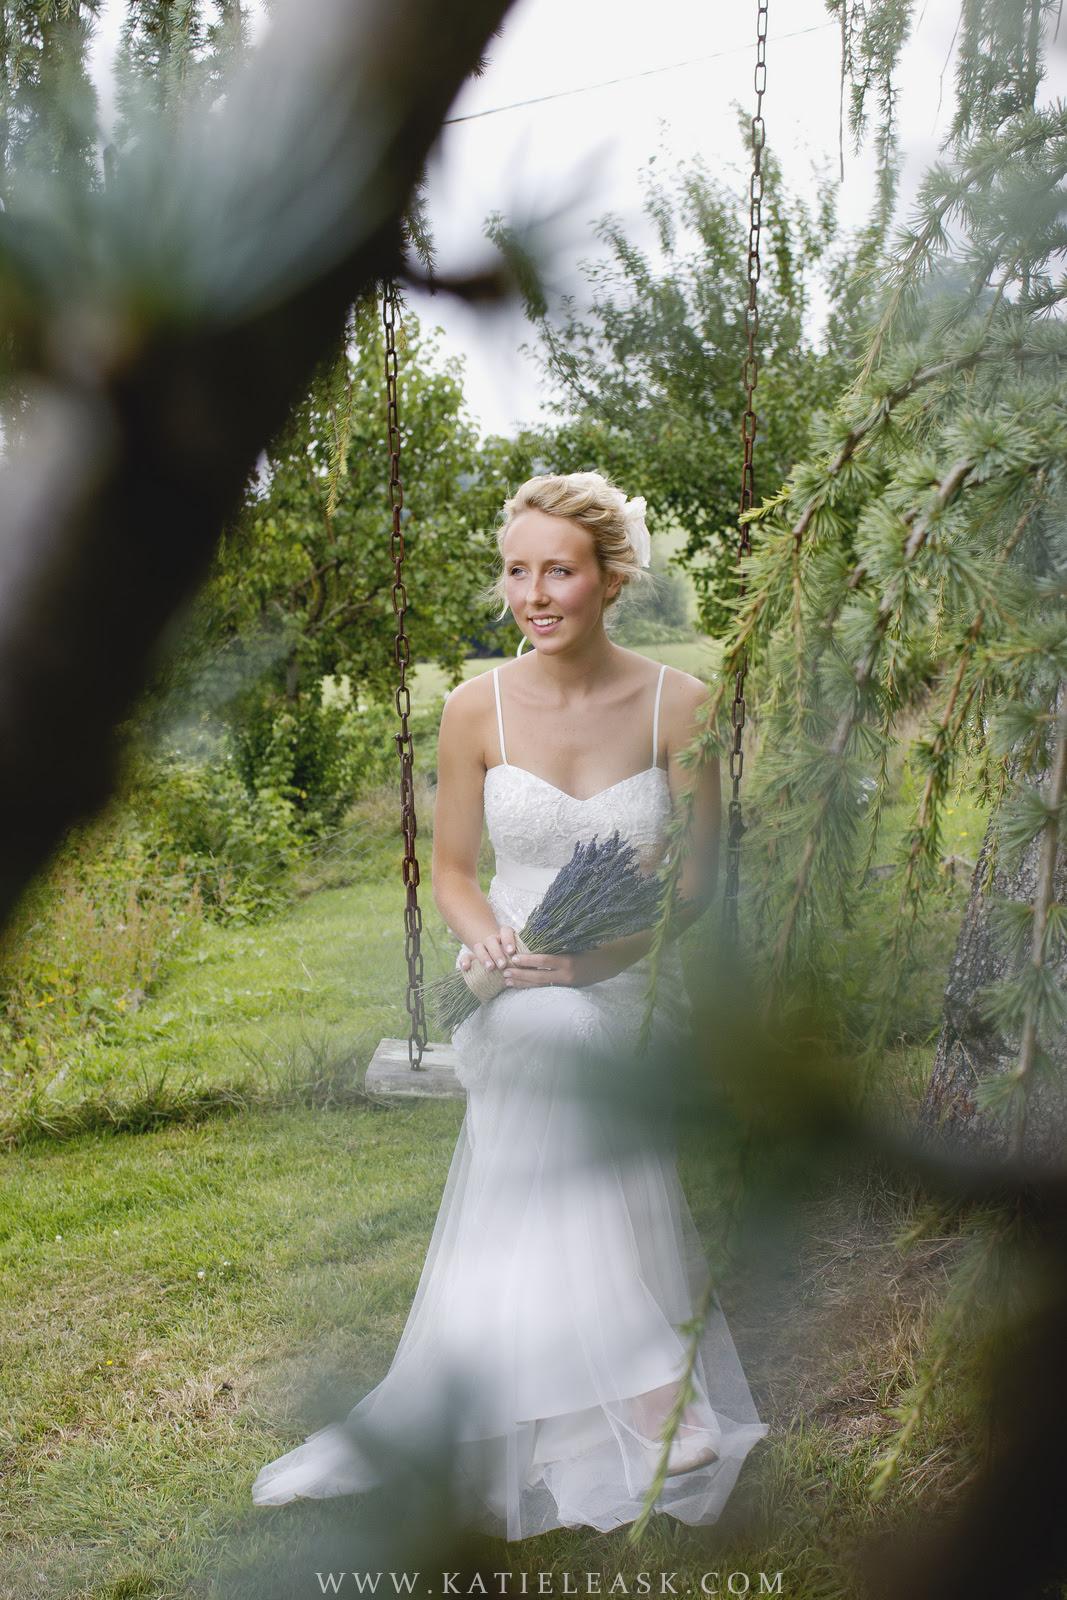 Katie-Leask-Photography-Wedding-03